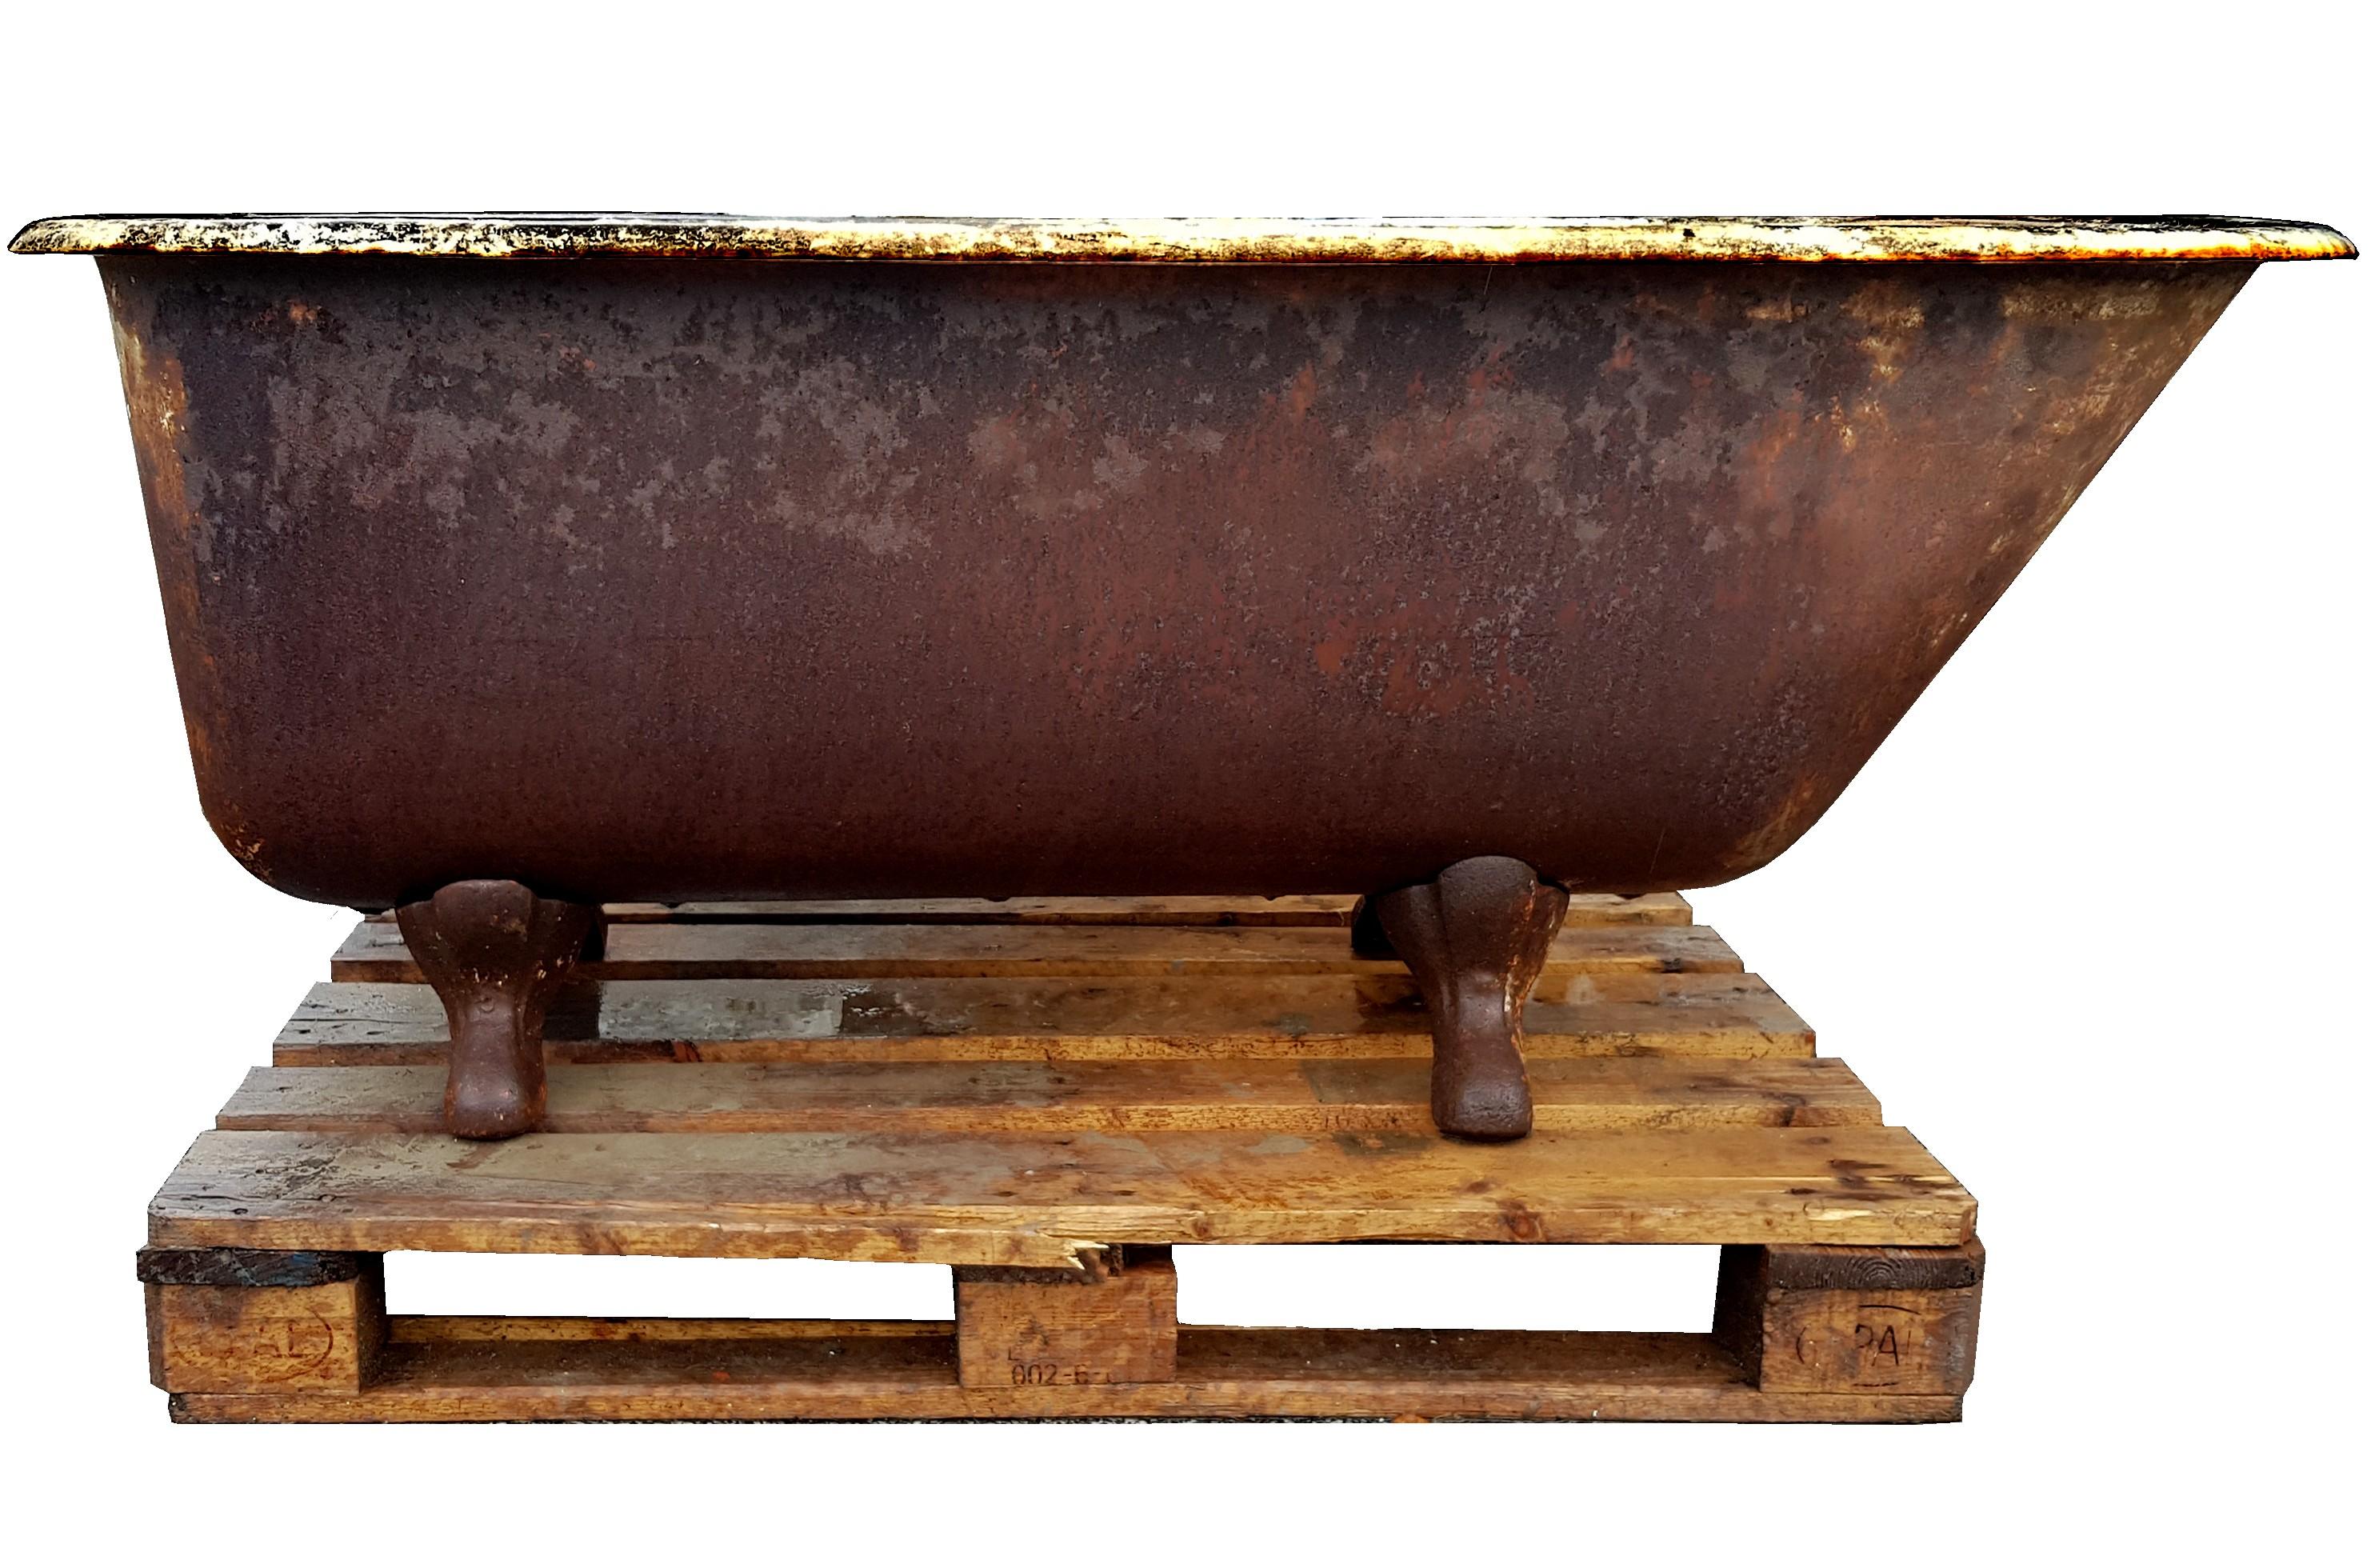 Vasca Da Bagno Ghisa : Arredamento bagno scelta della vasca classica modernacorradini